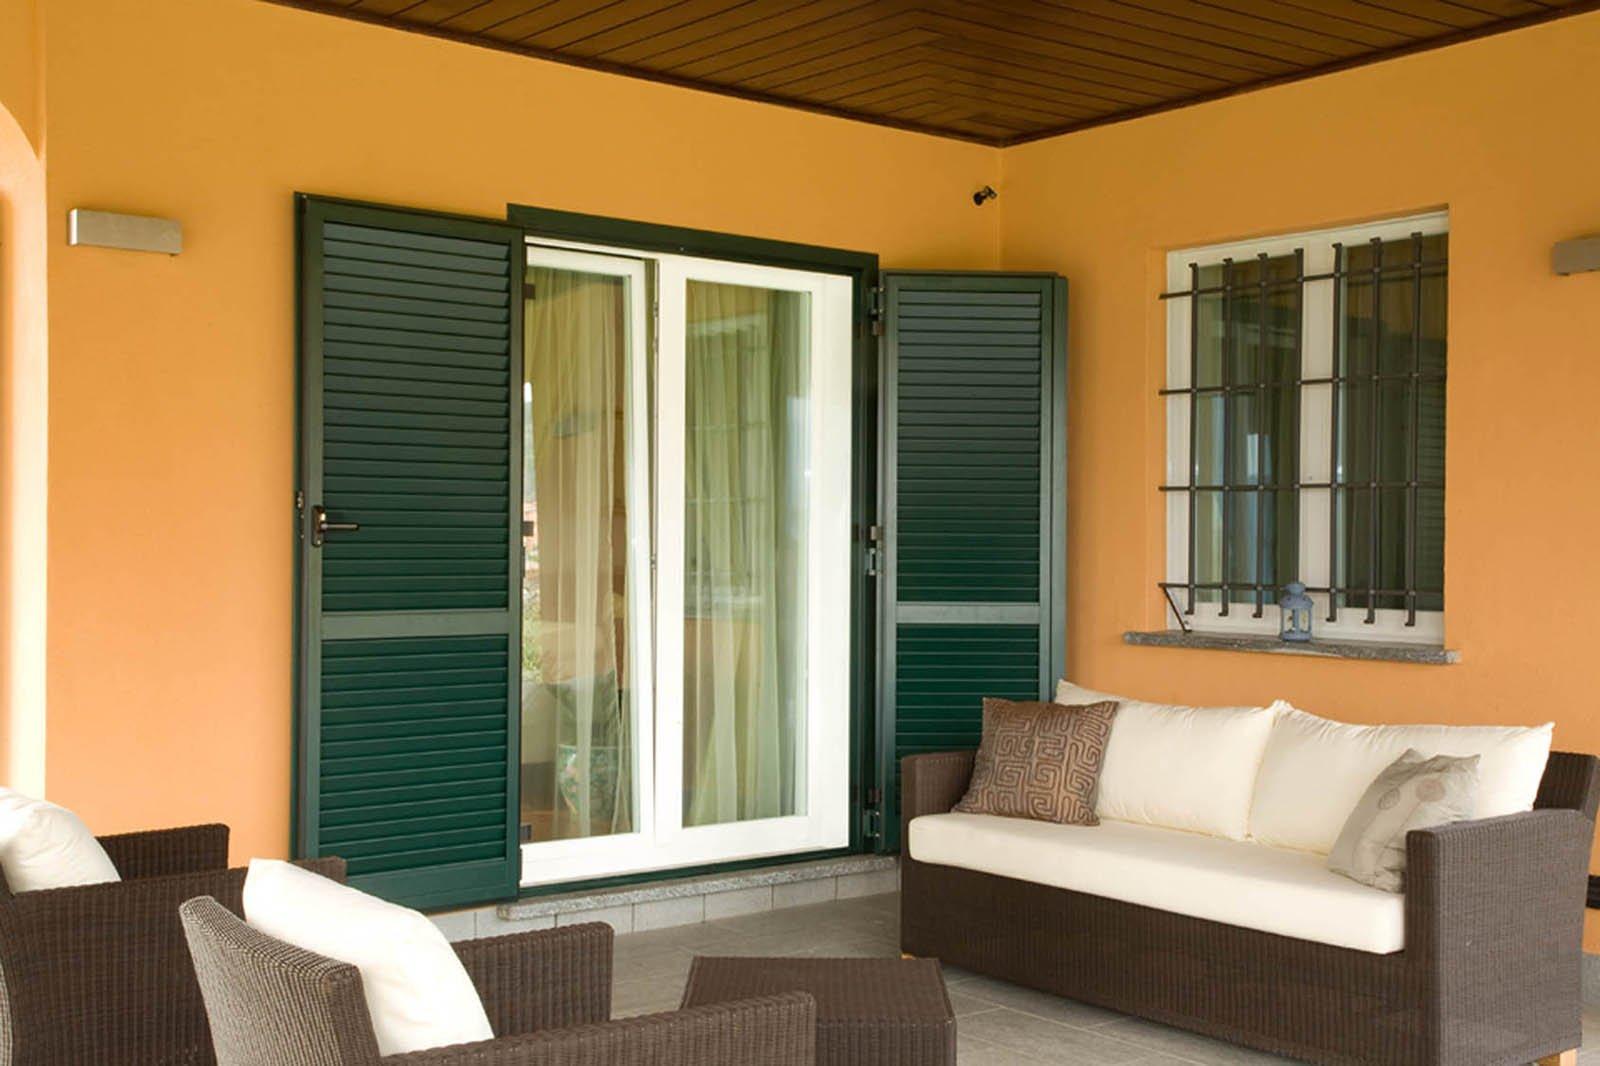 Serramenti persiane in sicurezza cose di casa - La casa con le finestre che ridono ...